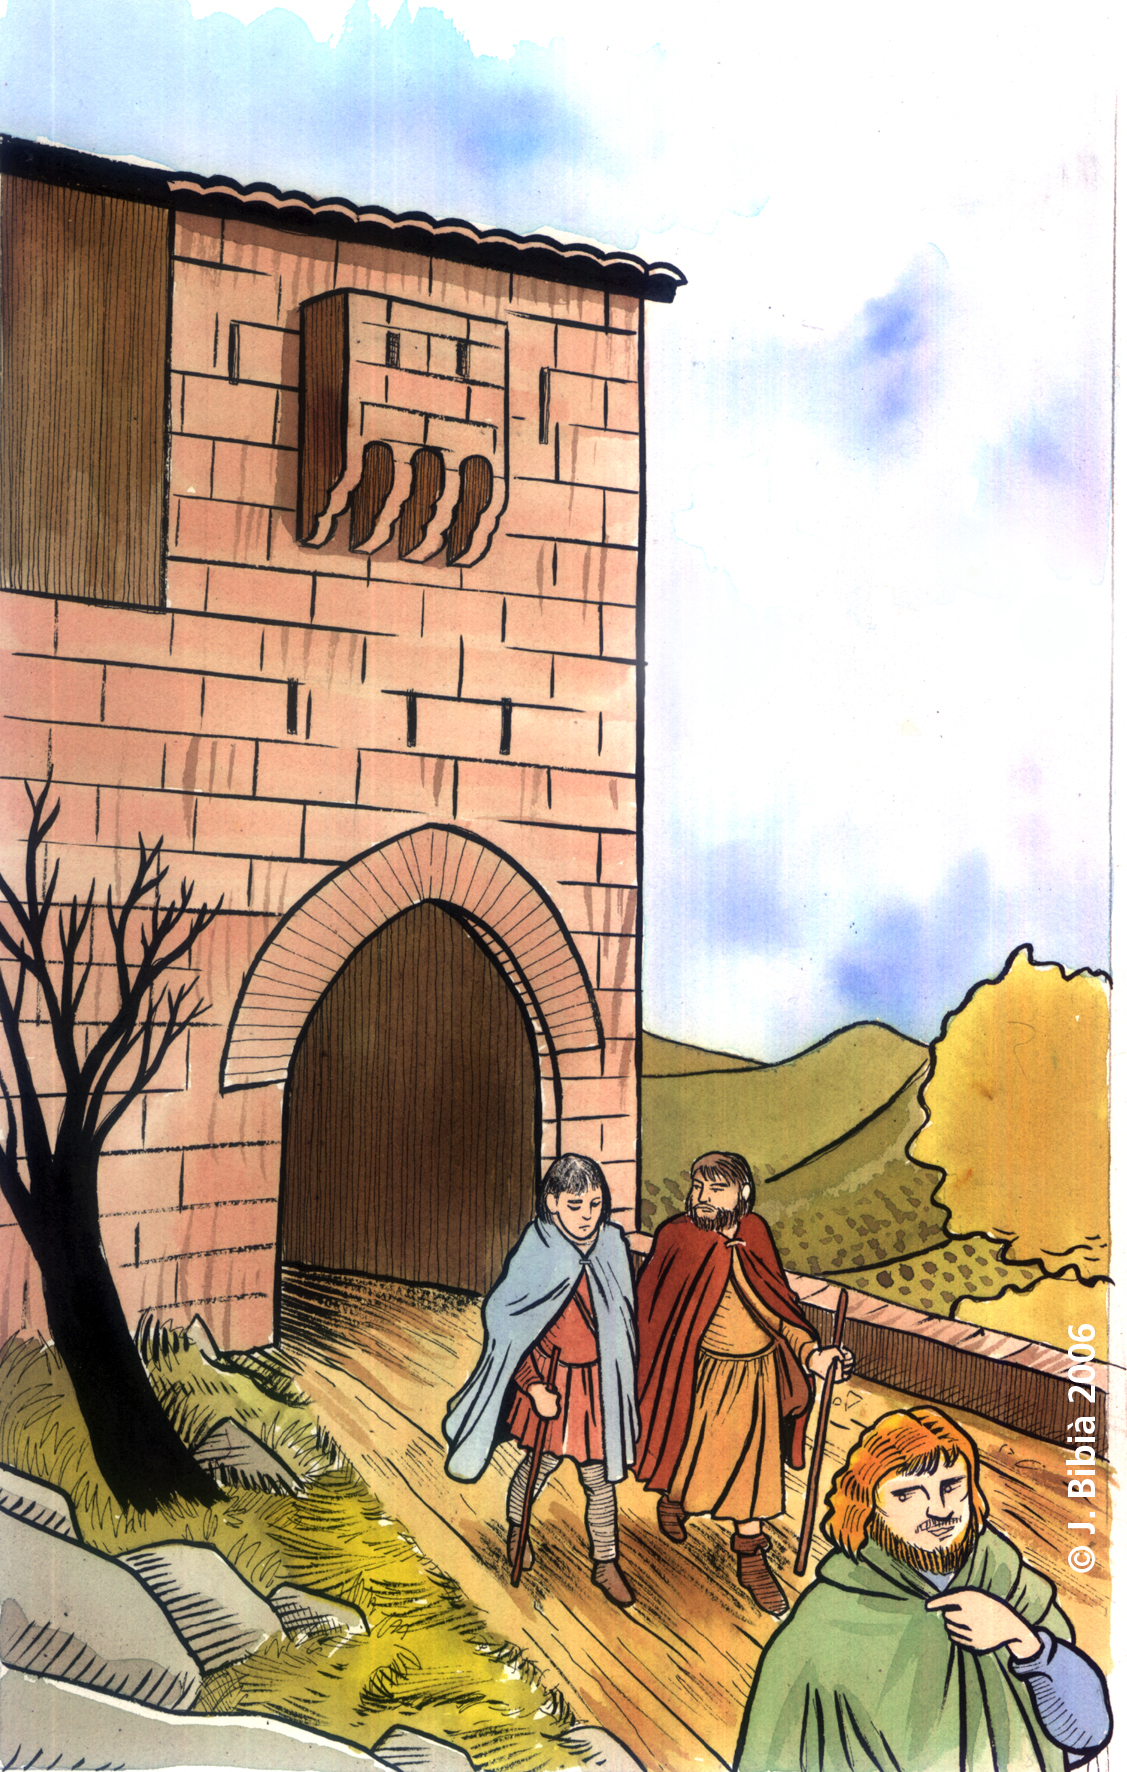 11.05.2006 Recreació de la sortida de Morella de Belibasta, Mauri i Sicre, enganyats per aquest últim            Morella -  Jordi Bibià